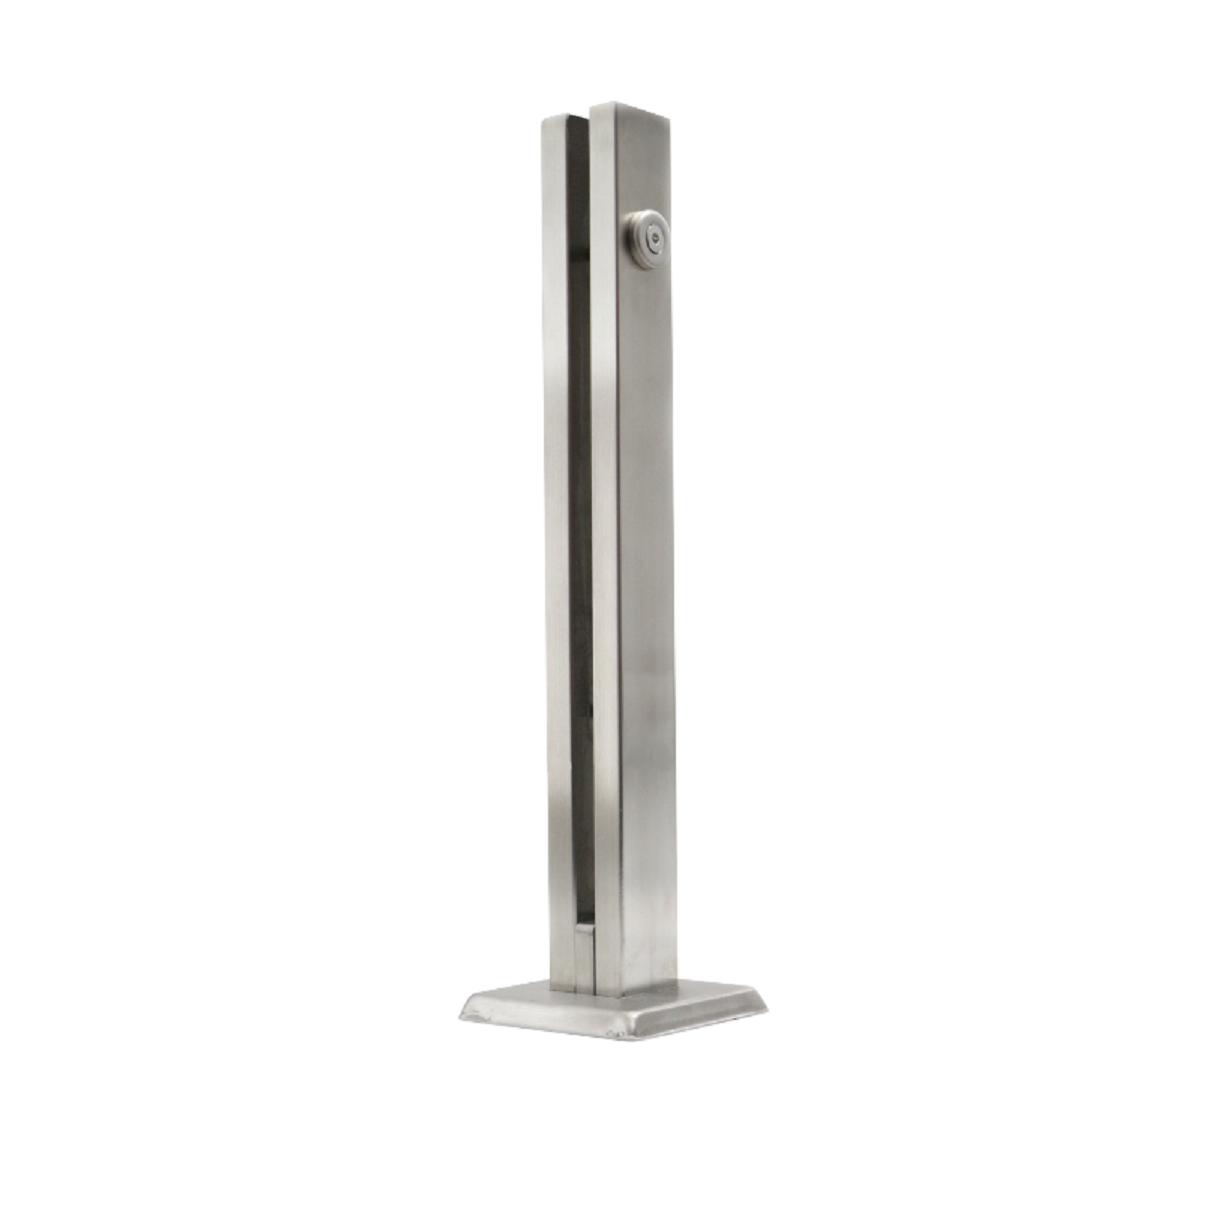 Coluna Torre 30 Cm - 1 Furo - Escovada - Aço Inox 304 - v.10